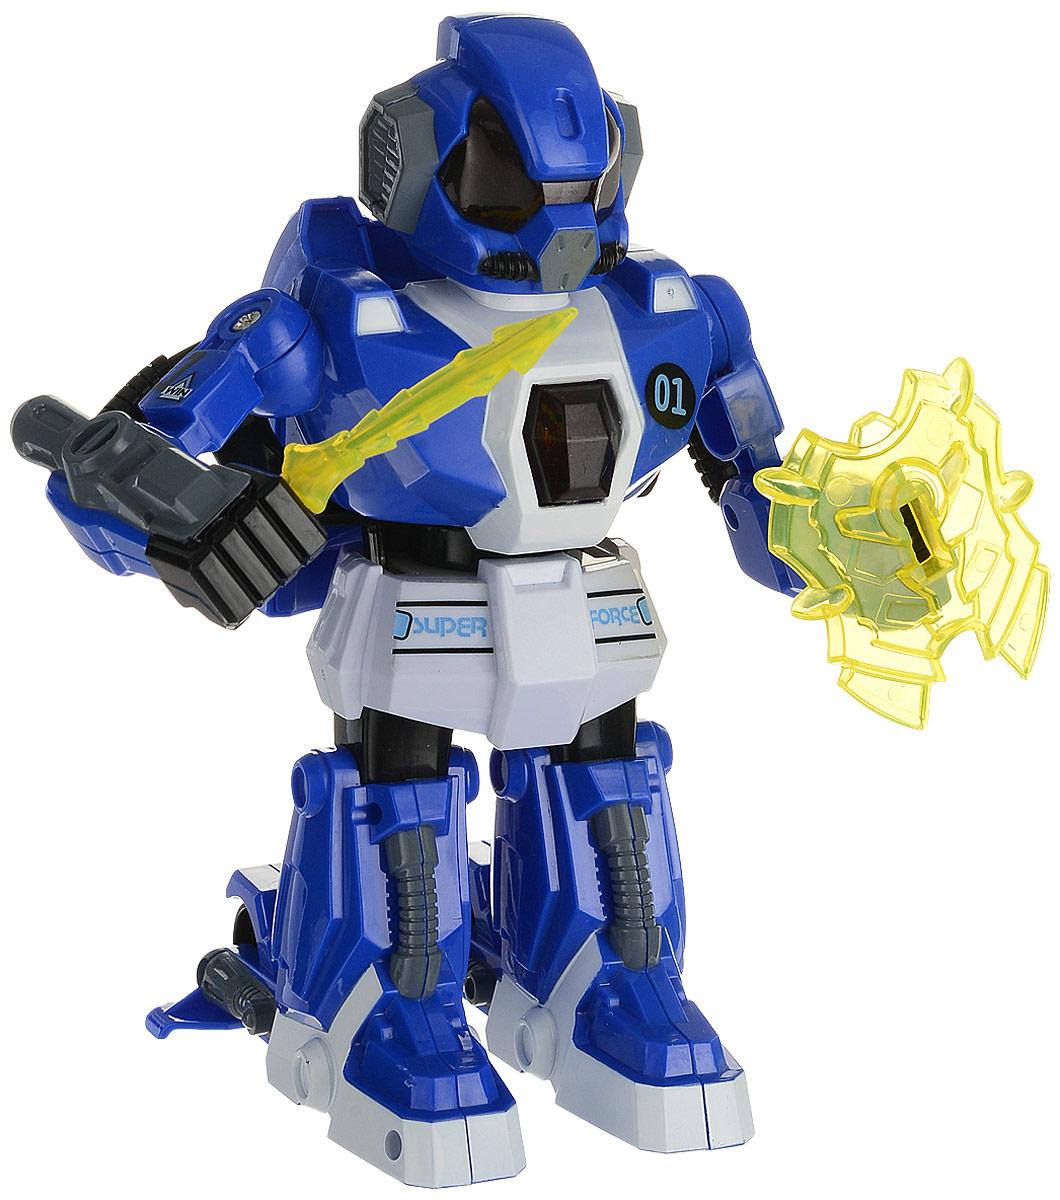 Yako Робот на радиоуправлении цвет синий робот на радиоуправлении yako 1724632